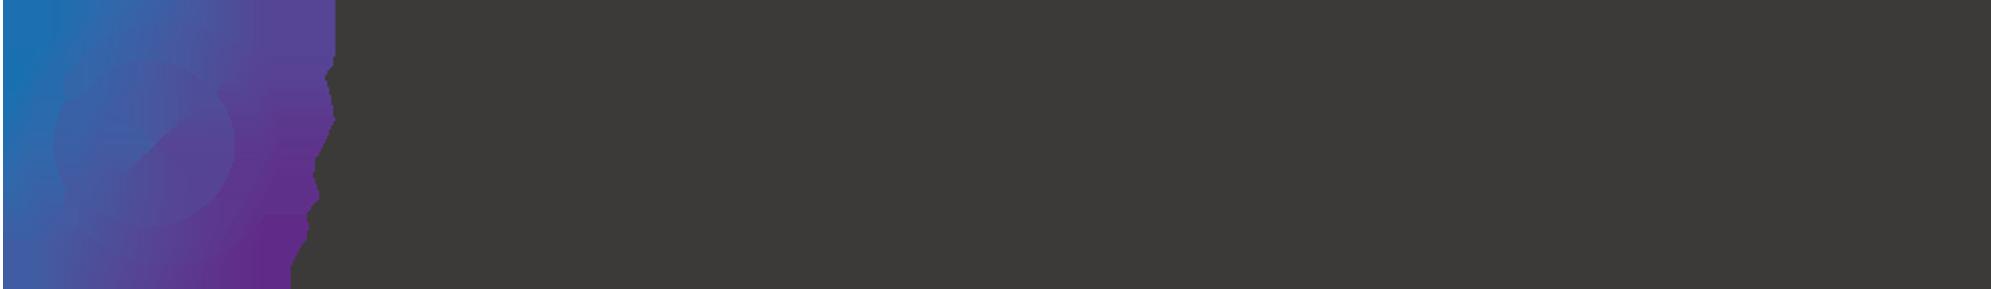 上海微课信息科技有限公司